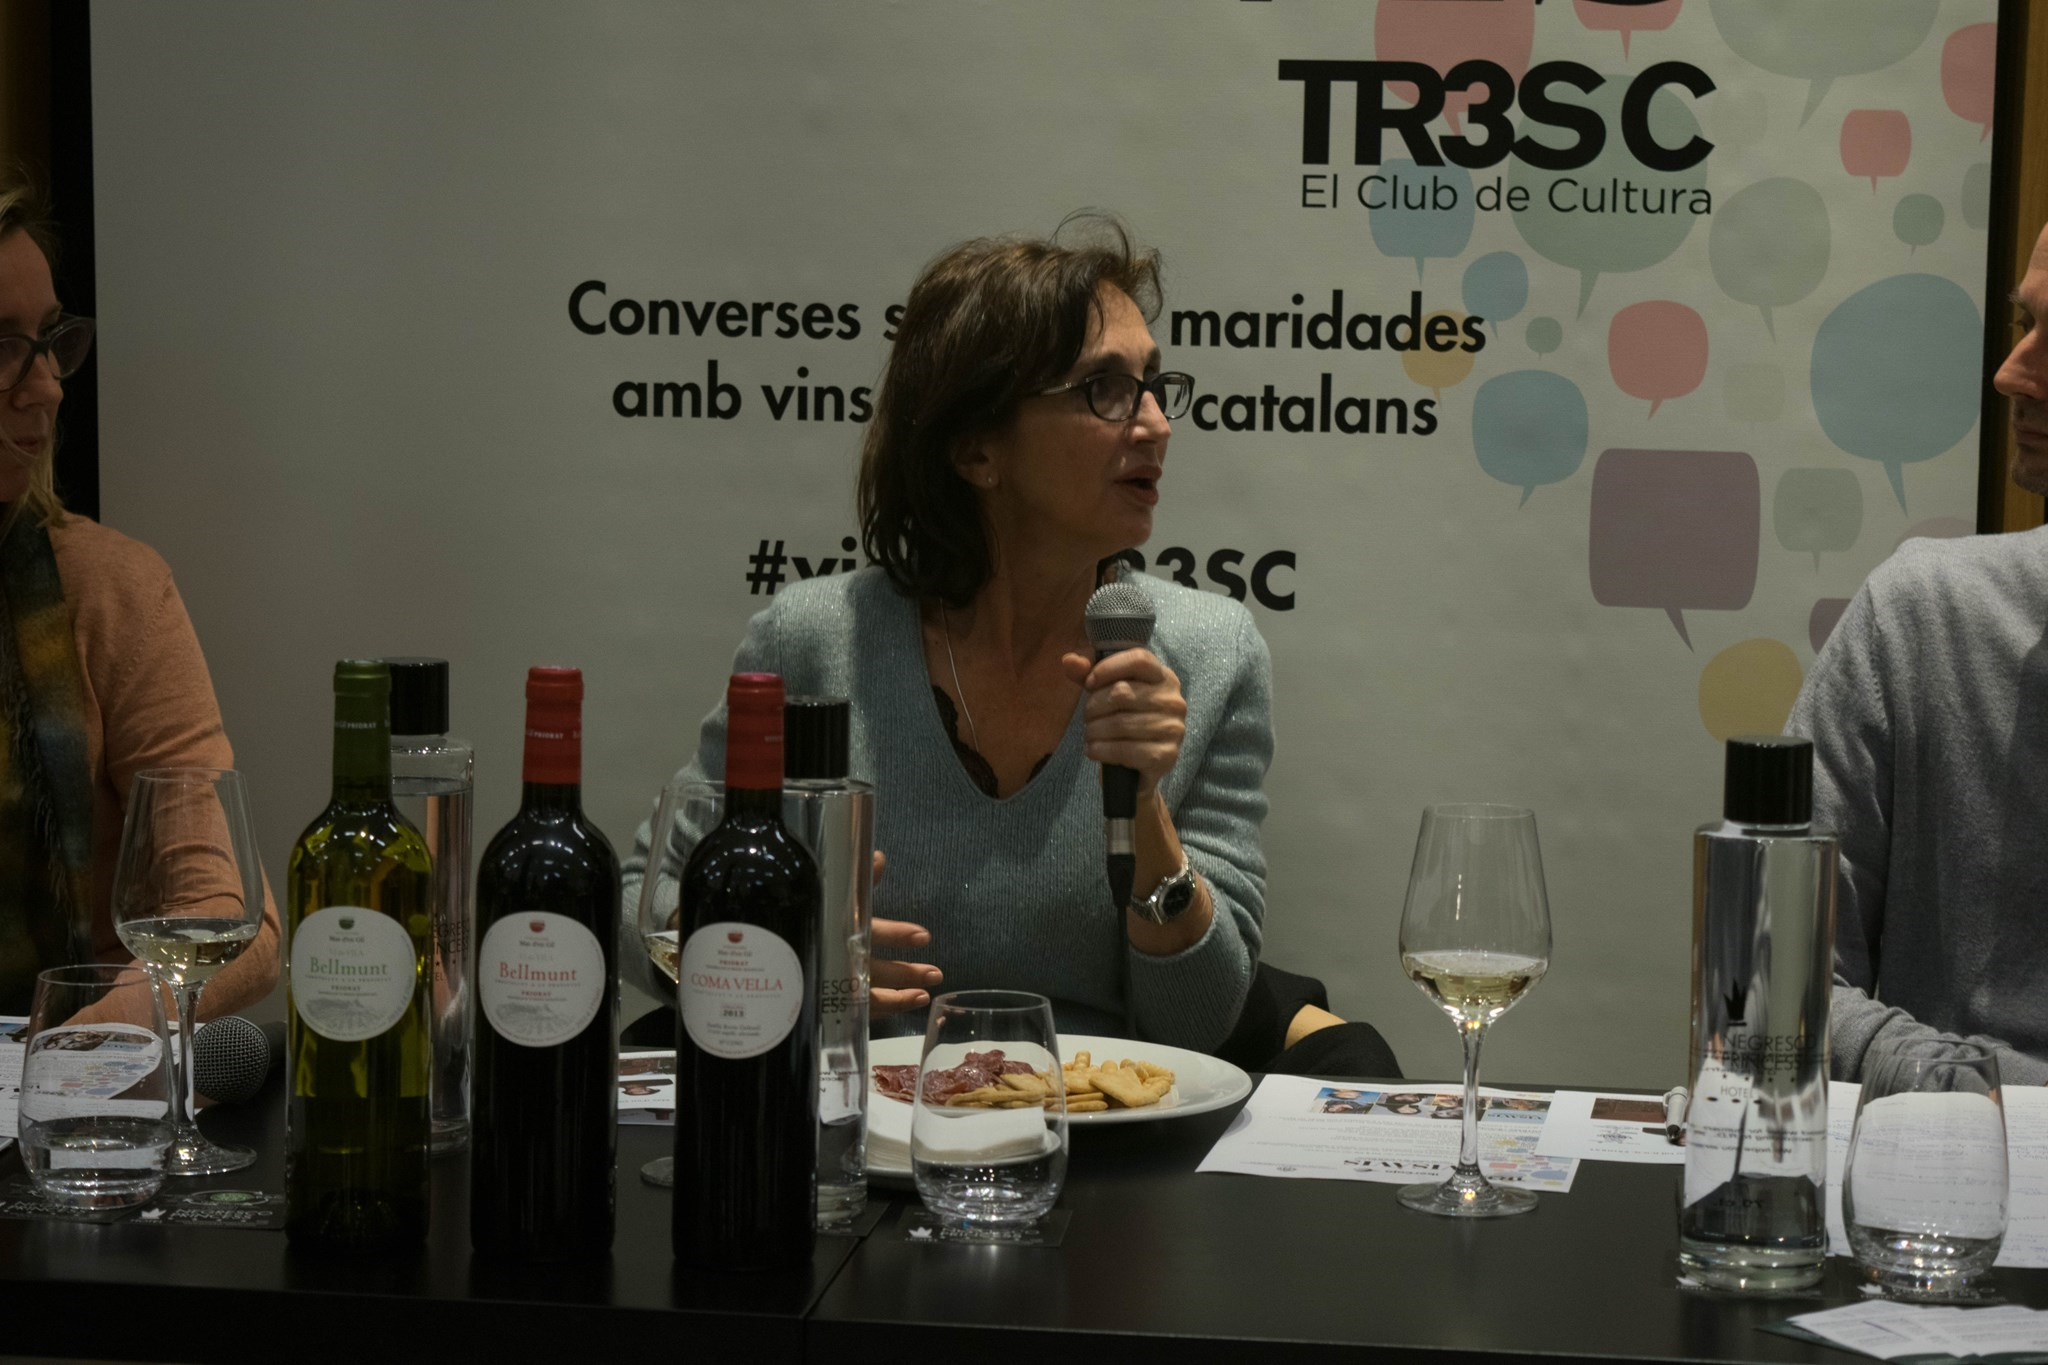 #VisàVisTR3SC amb Sílvia Munt i Mas d'en Gil